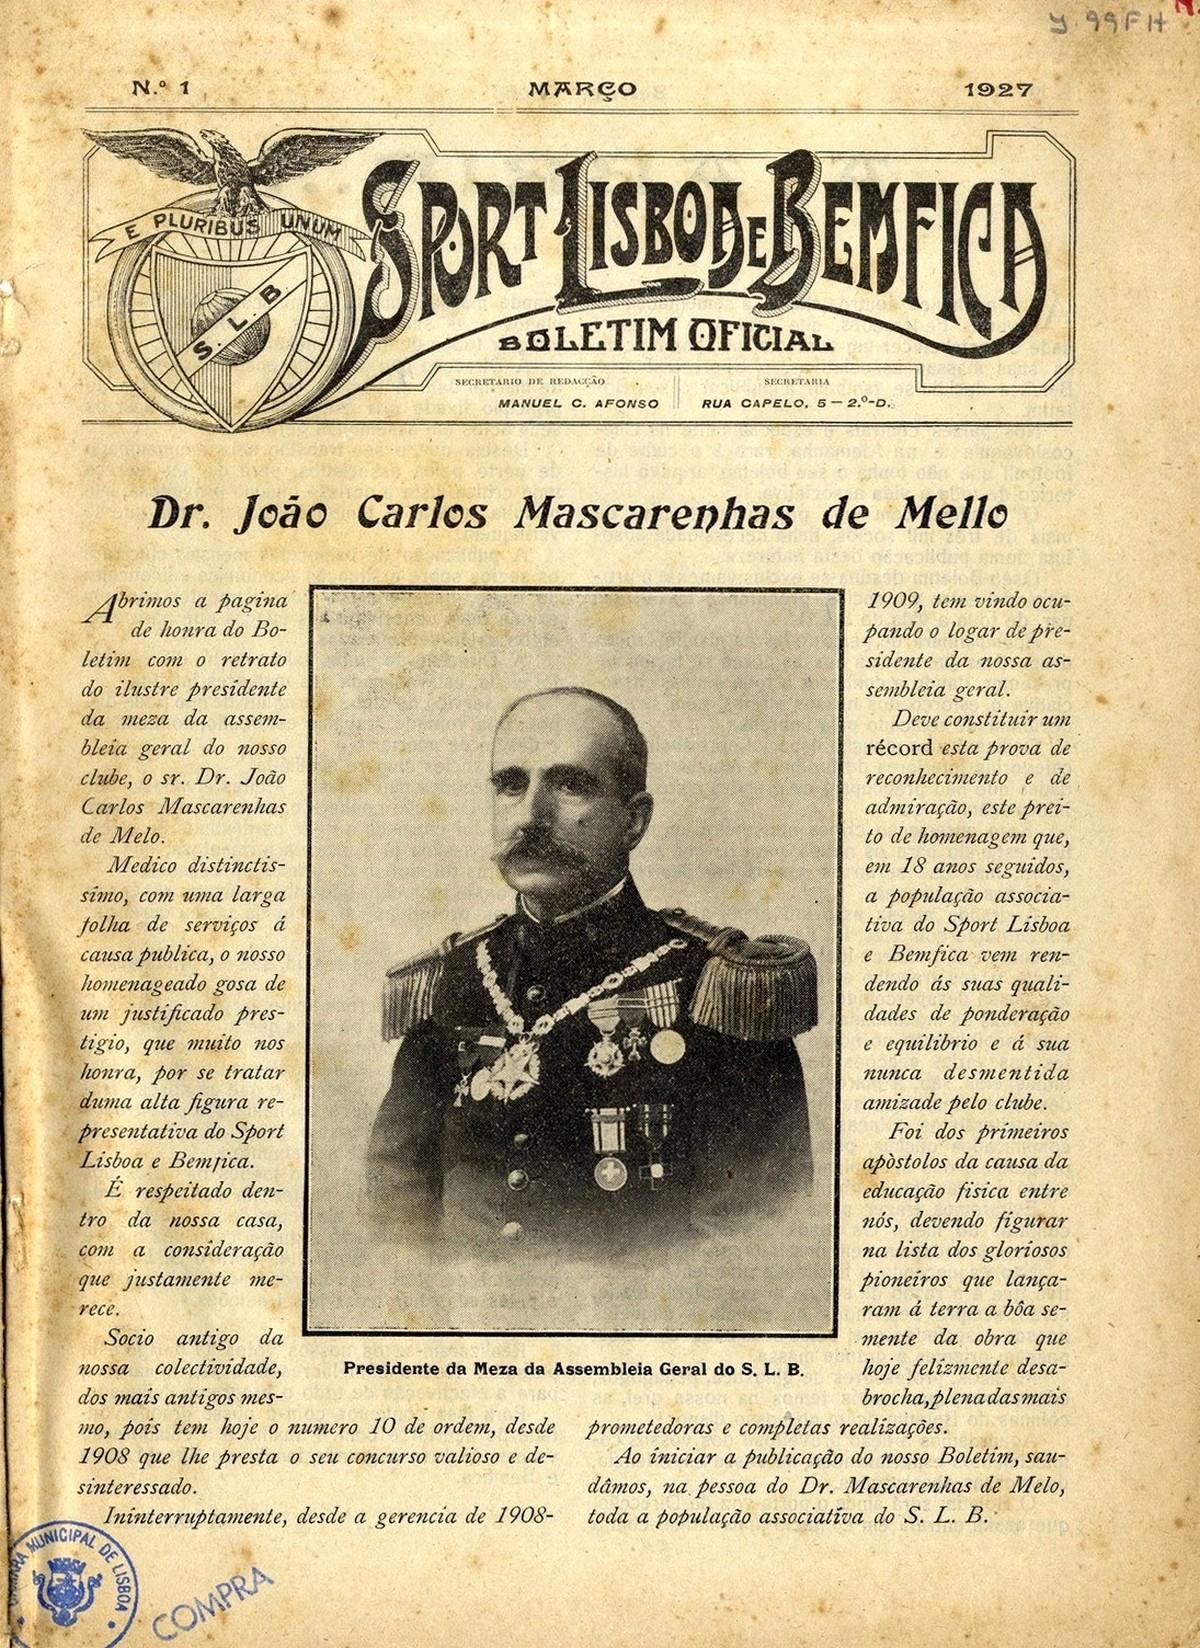 """Primeiro número do jornal oficial do clube desportivo português: """"Sport Lisboa e Benfica"""". Retrato do Presidente da Assembleia Geral do Clube: João Carlos Mascarenhas de Mello."""